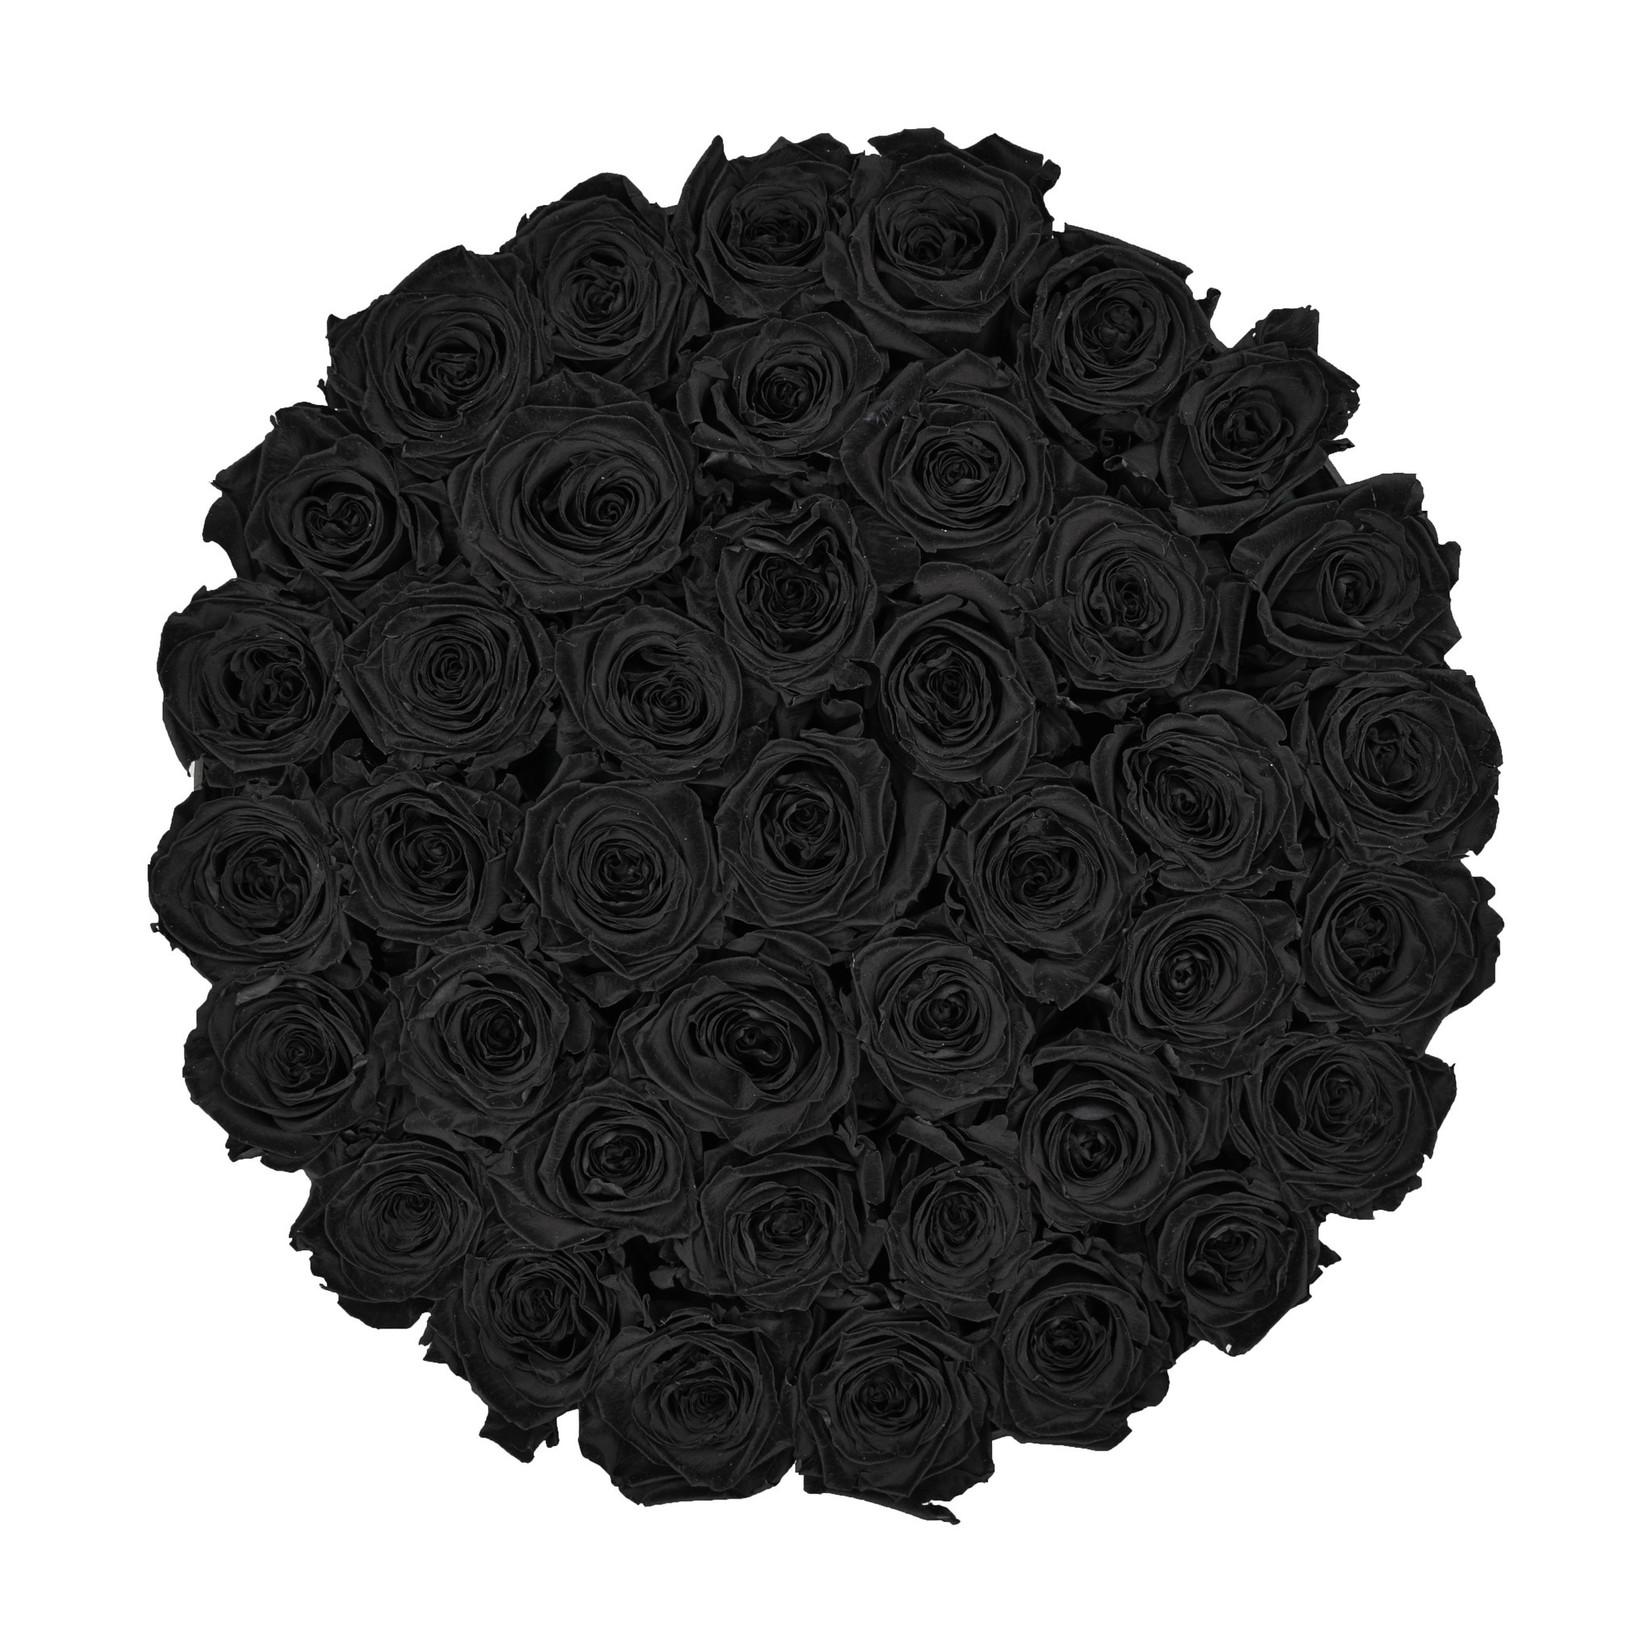 Extra Large - Black Endless Roses - Black Box